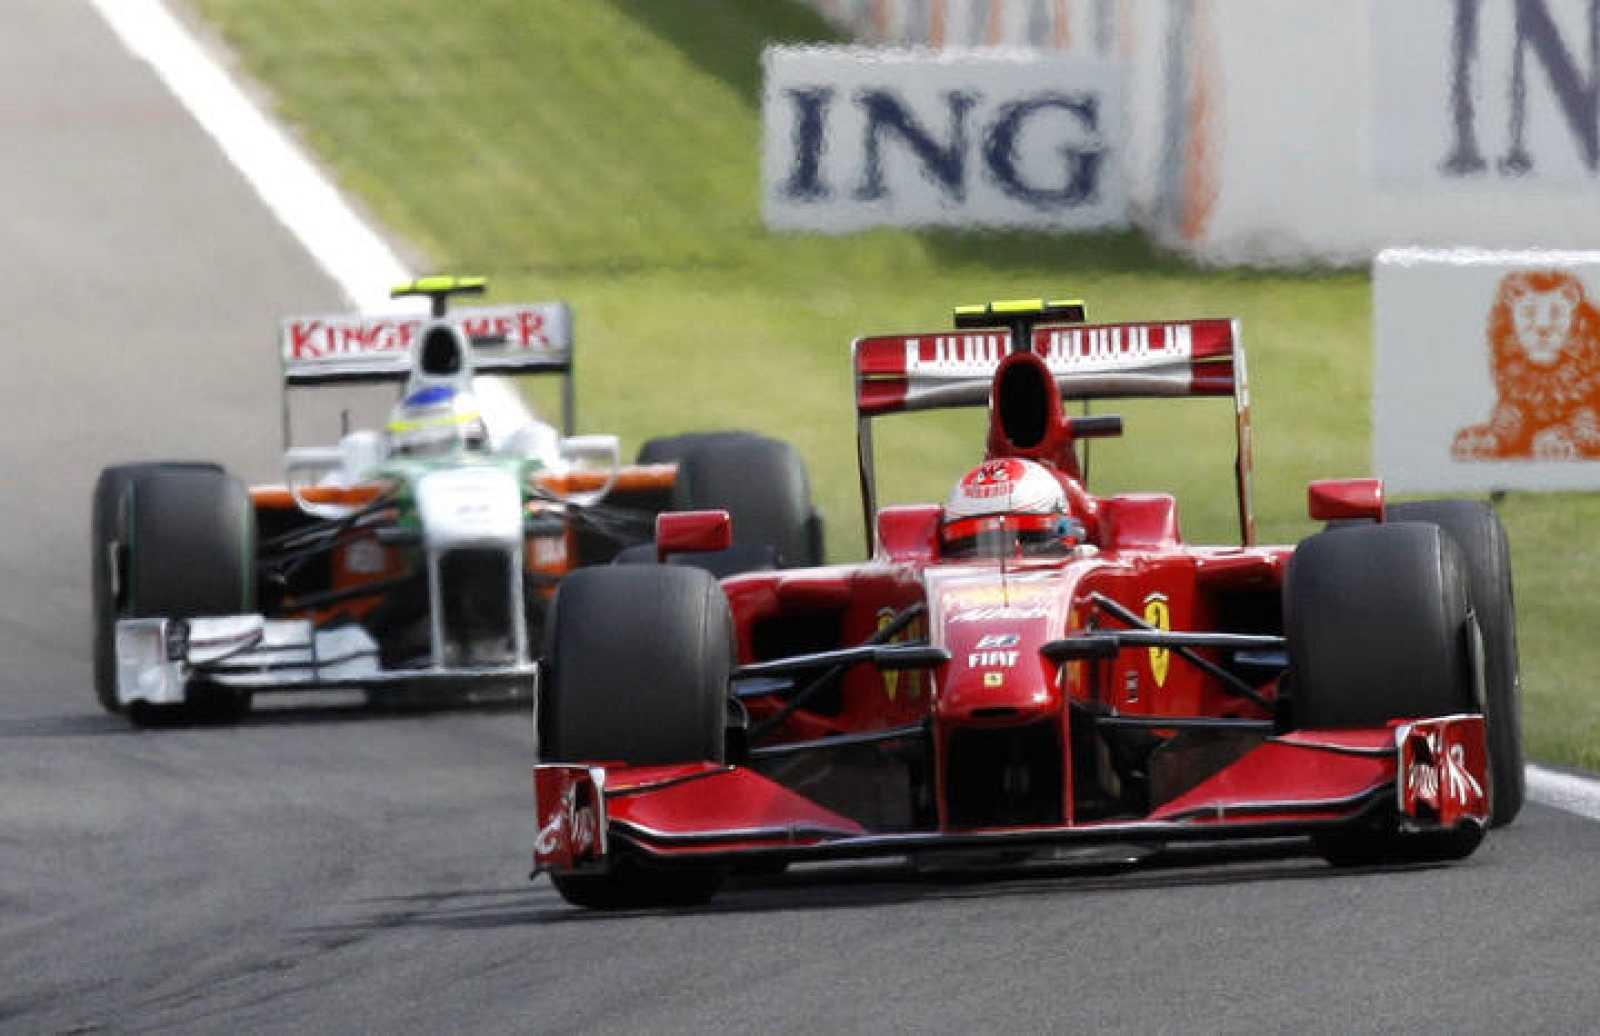 El piloto finlandés de Ferrari Kimi Raikkonen ha ganado el GP de Bélgica, siendo segundo el italiano de Force India Giancarlo Fisichella.